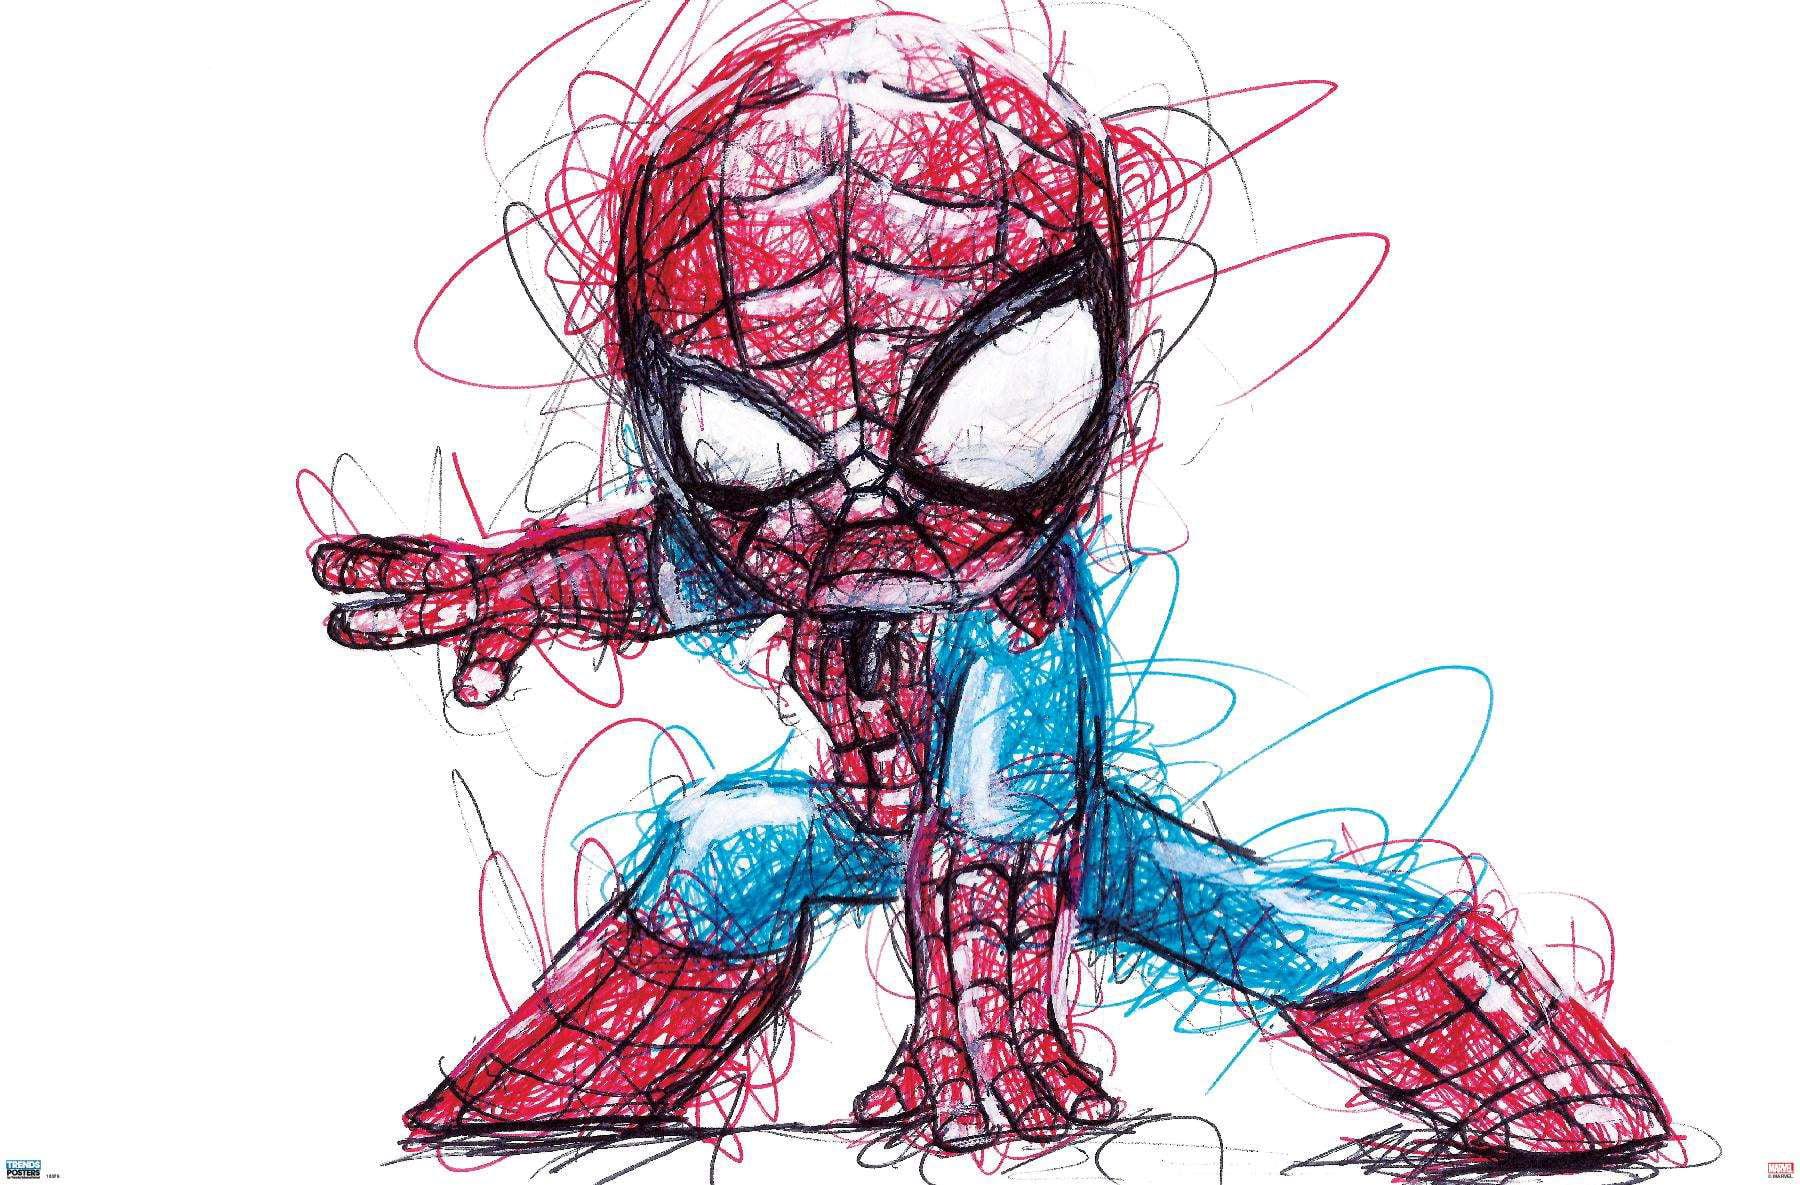 marvel comics spider man sketch poster